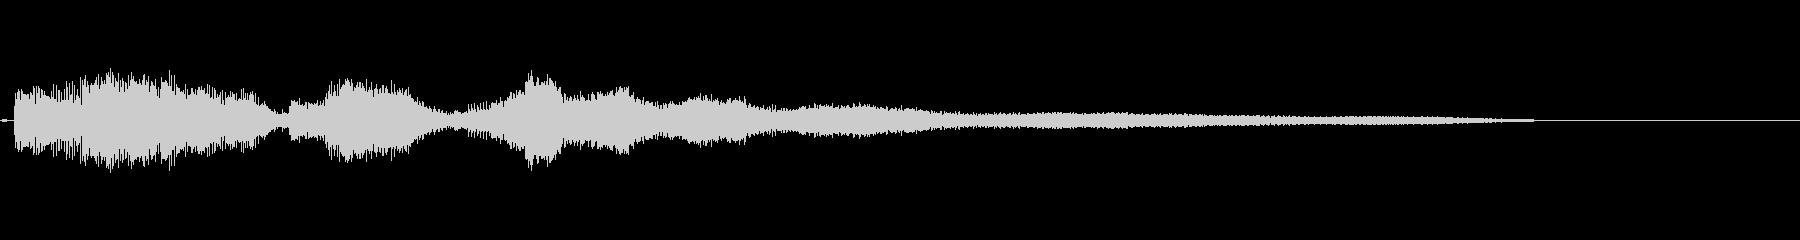 ギターによる謎めいた場面転換音・長めの未再生の波形